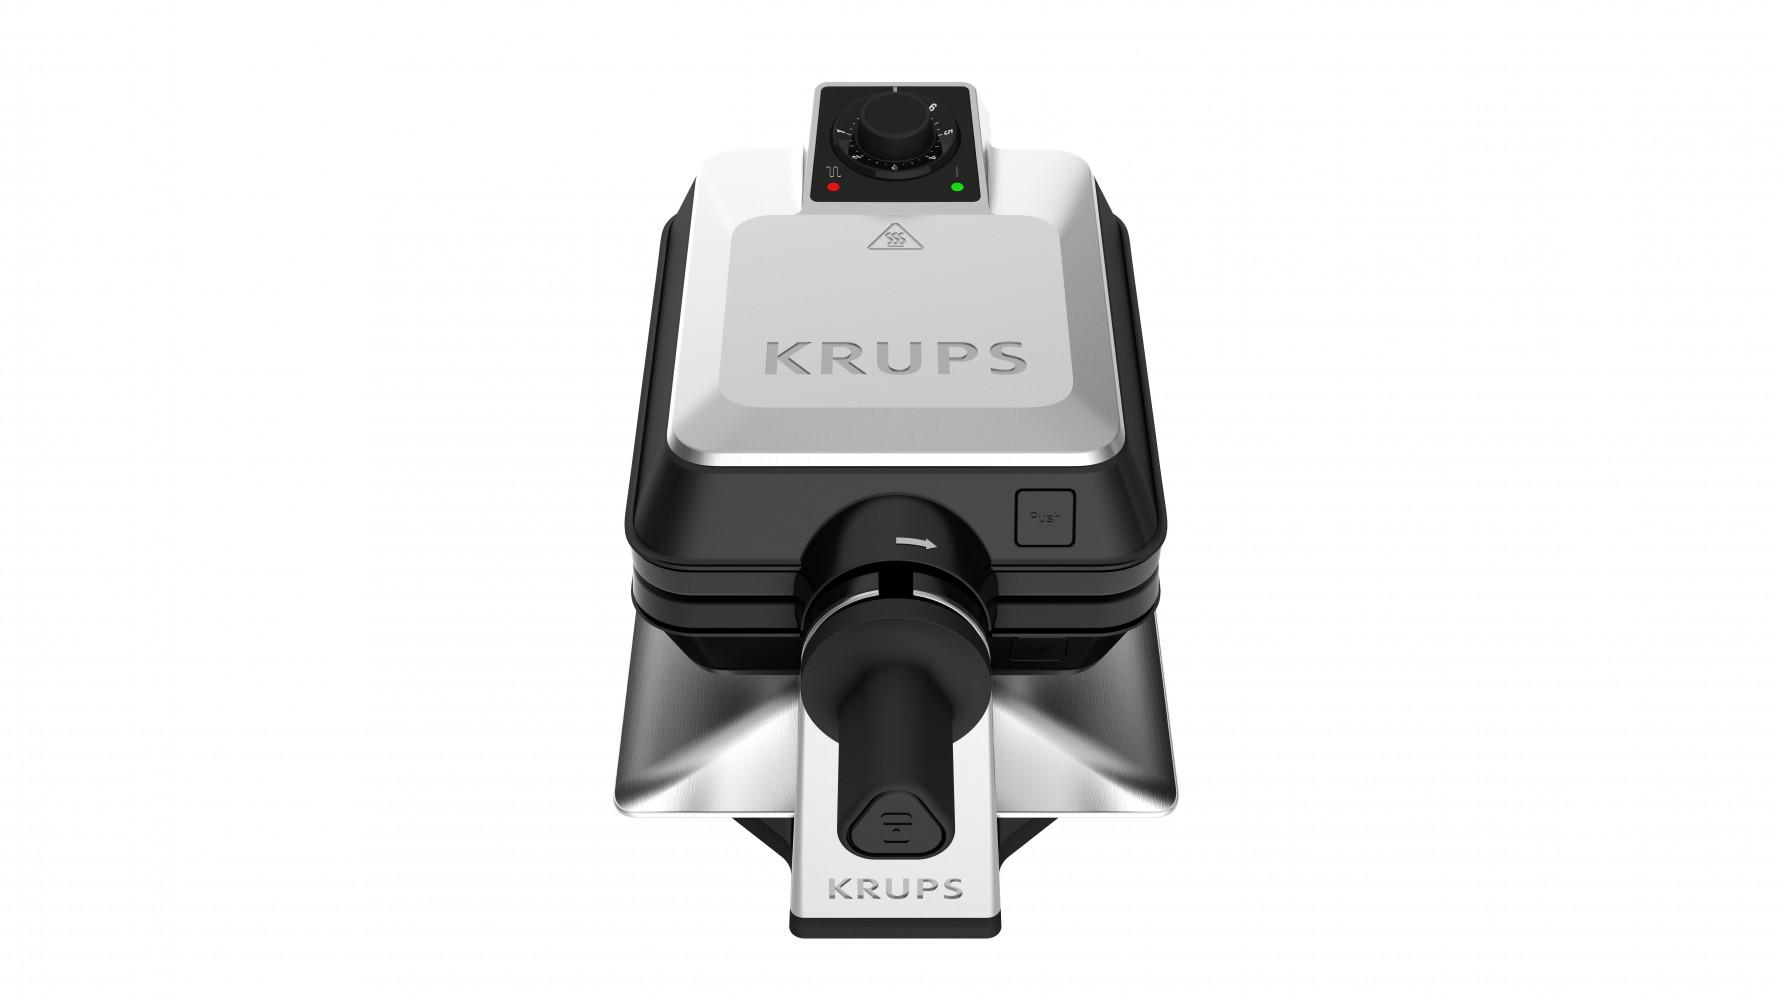 Krups Gaufrier FDD95D10 Sucessor Inox